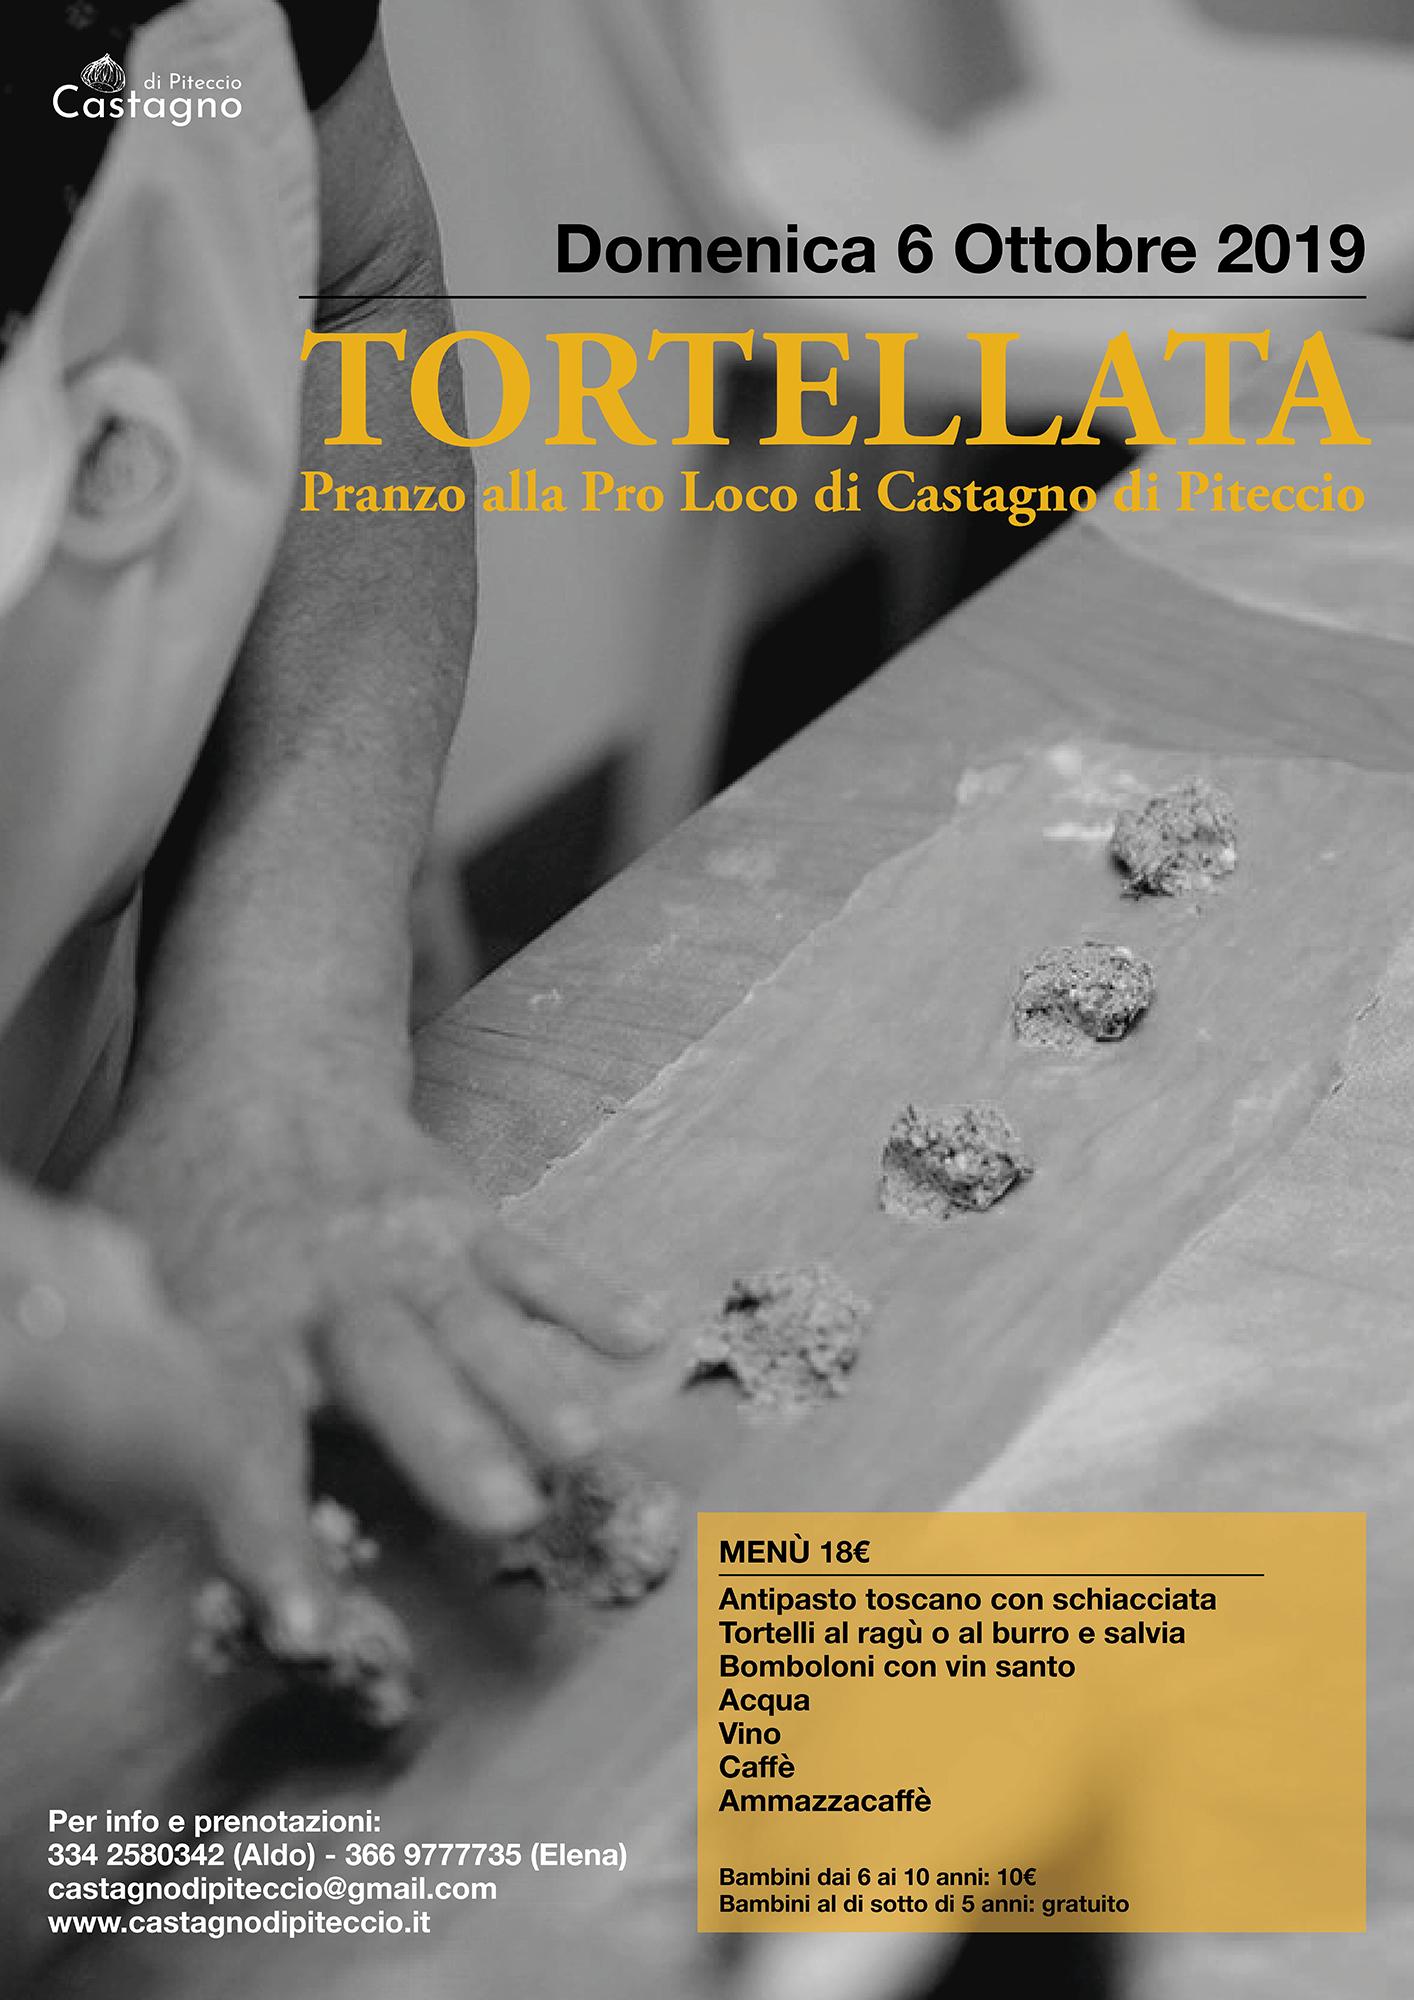 Castagno di Piteccio - Tortellata 2019 - web.jpg